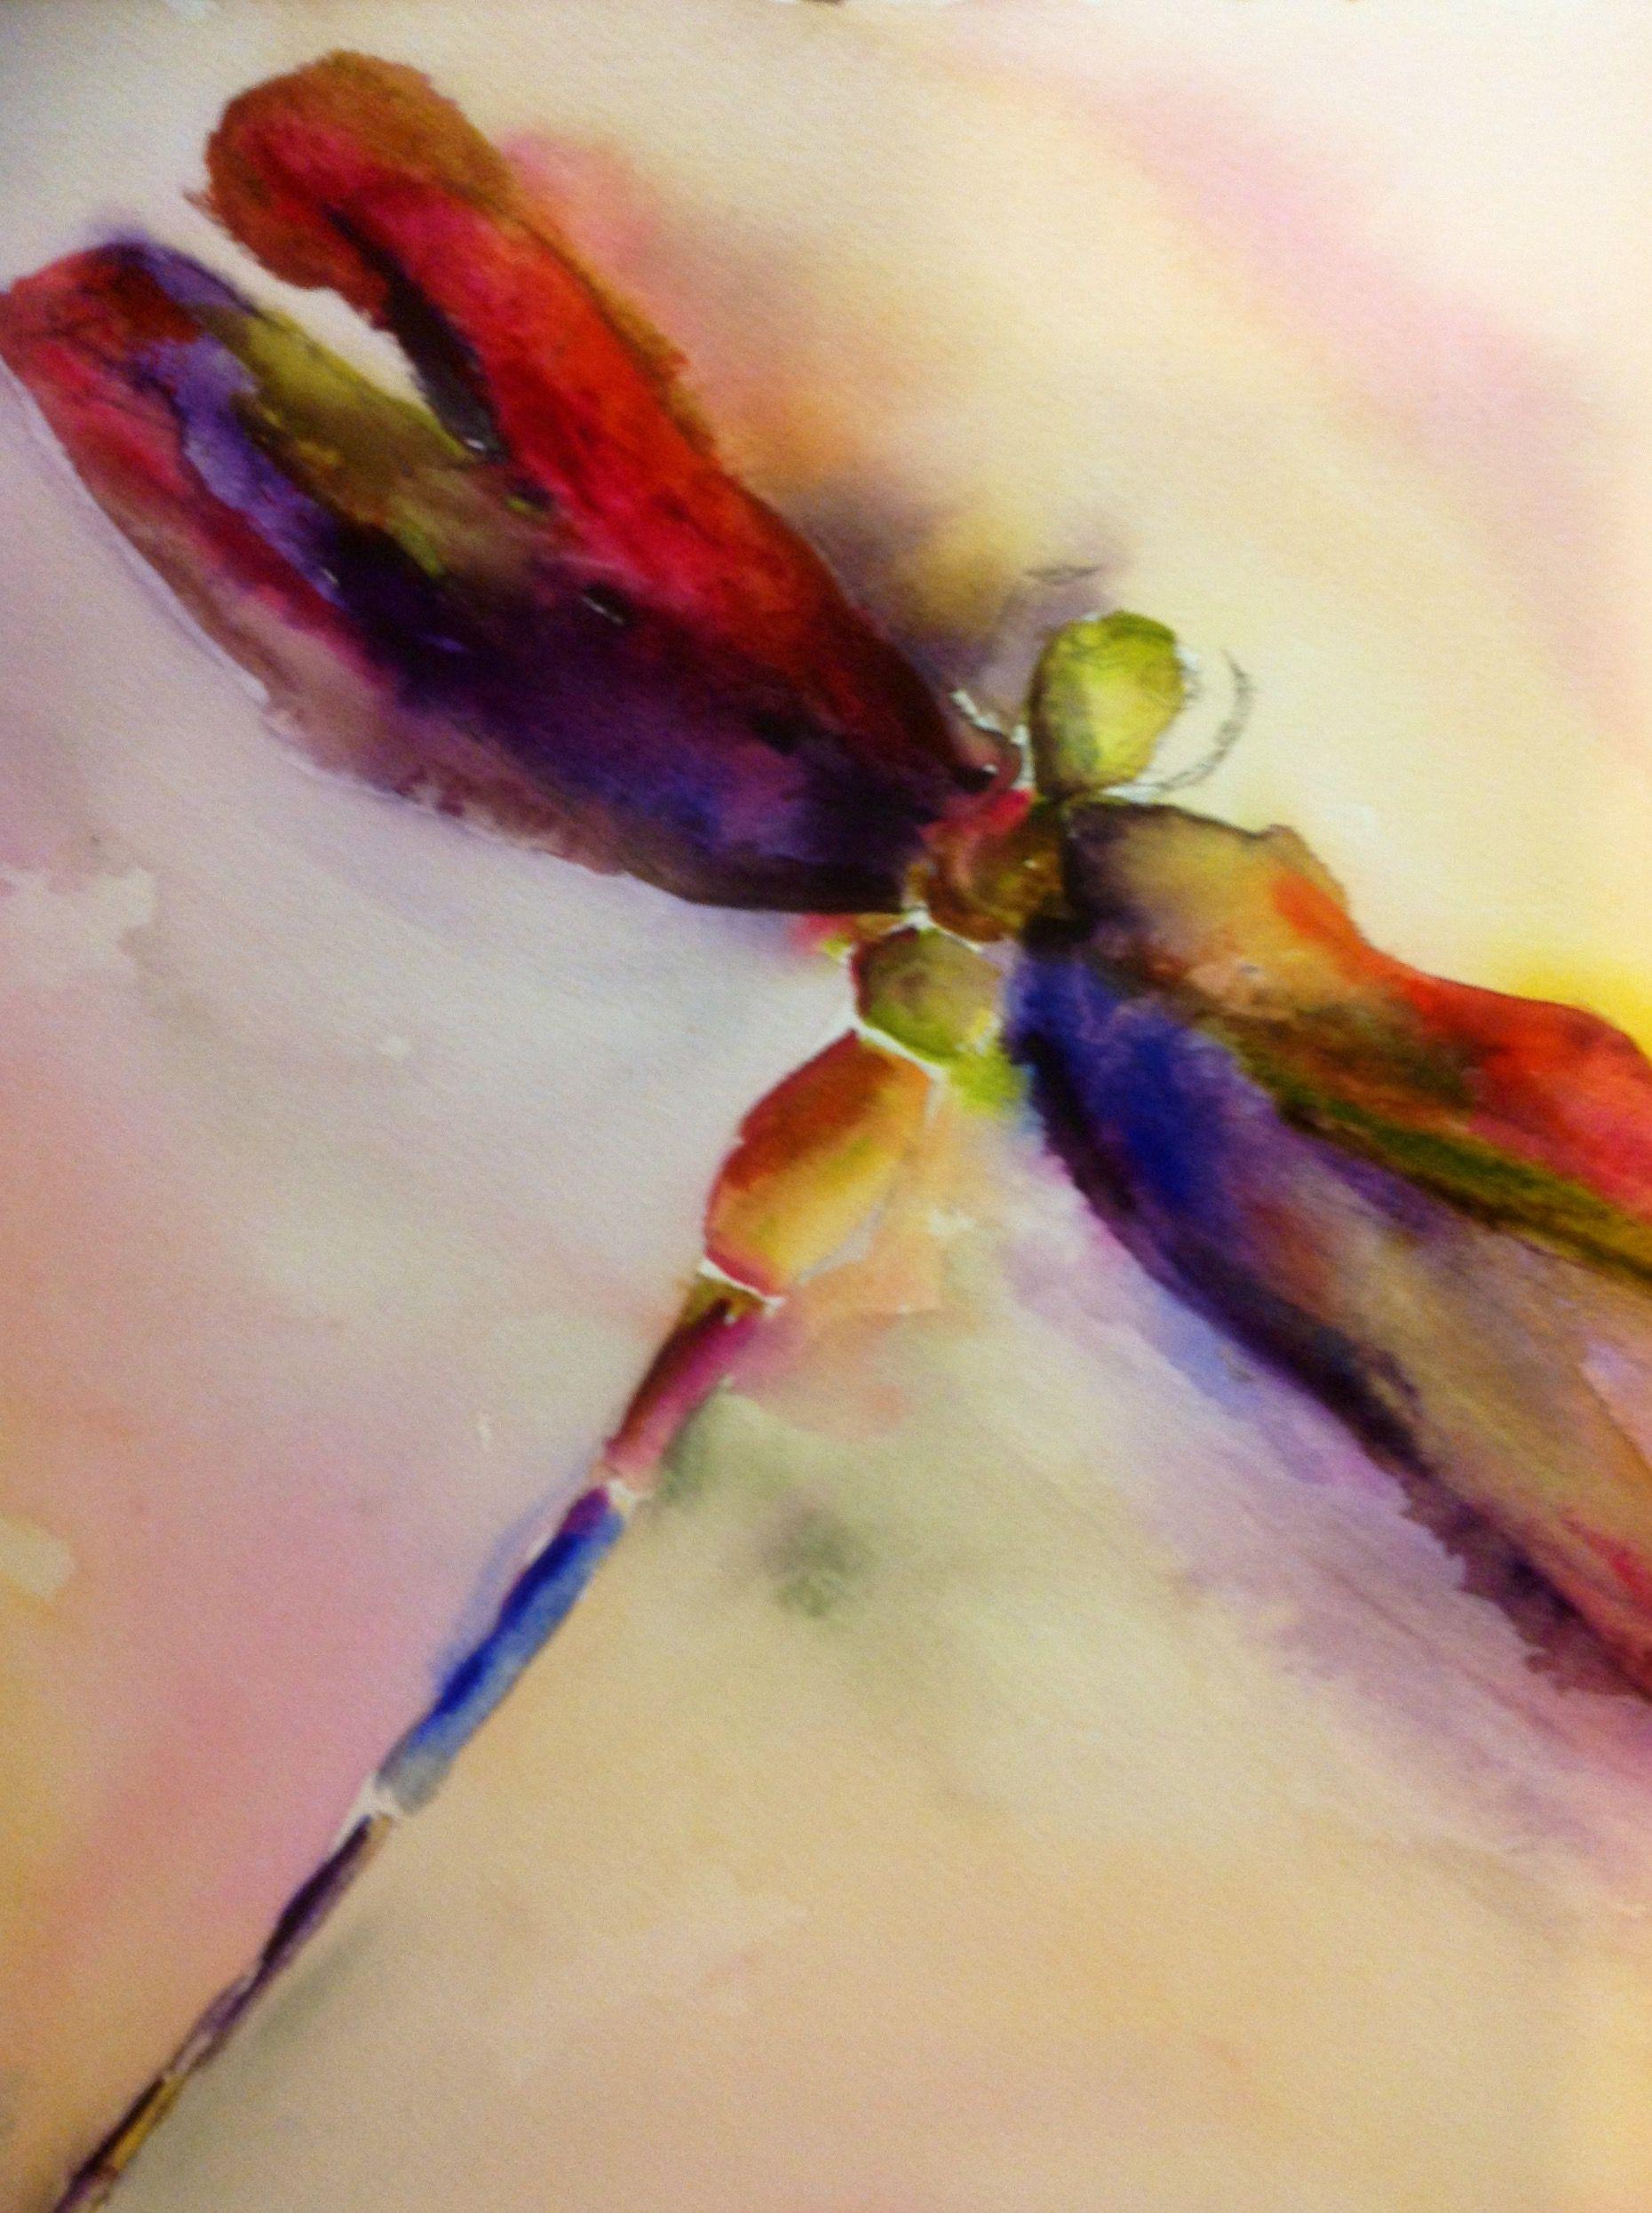 Watercolor artists in texas -  Dragonfly By Texas Watercolor Artist Karen Scherrer